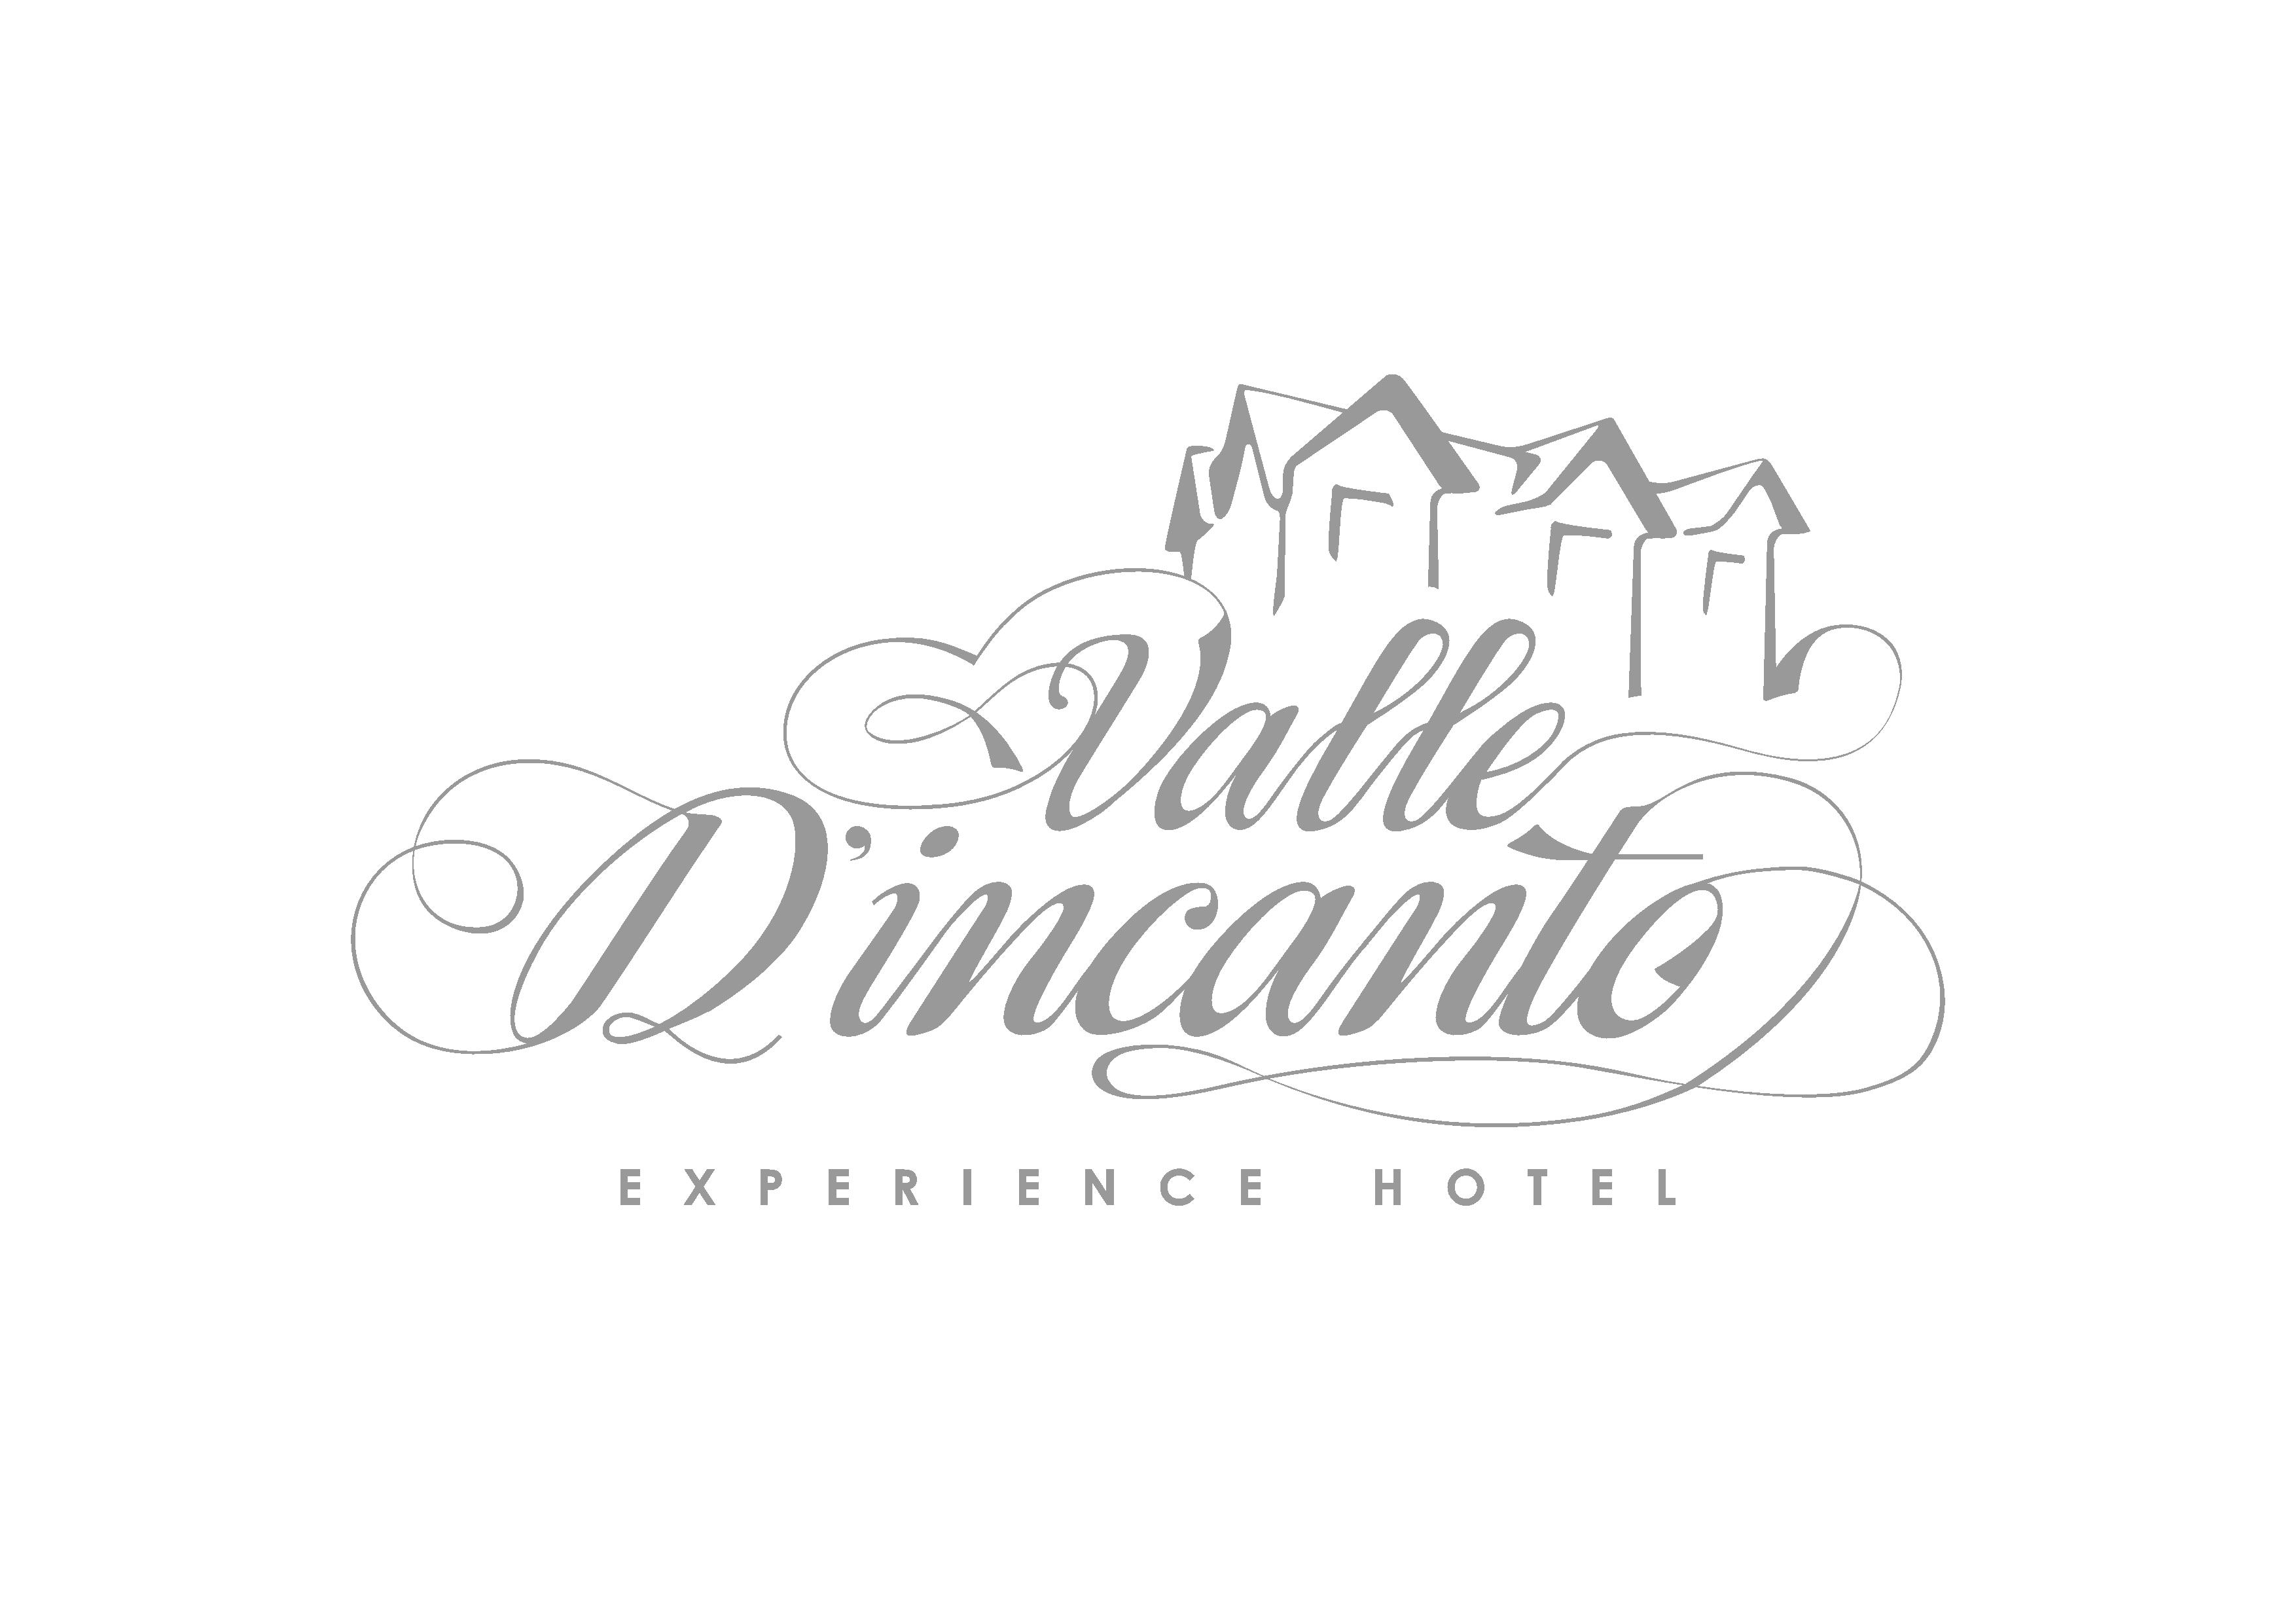 Logo D'incanto experience